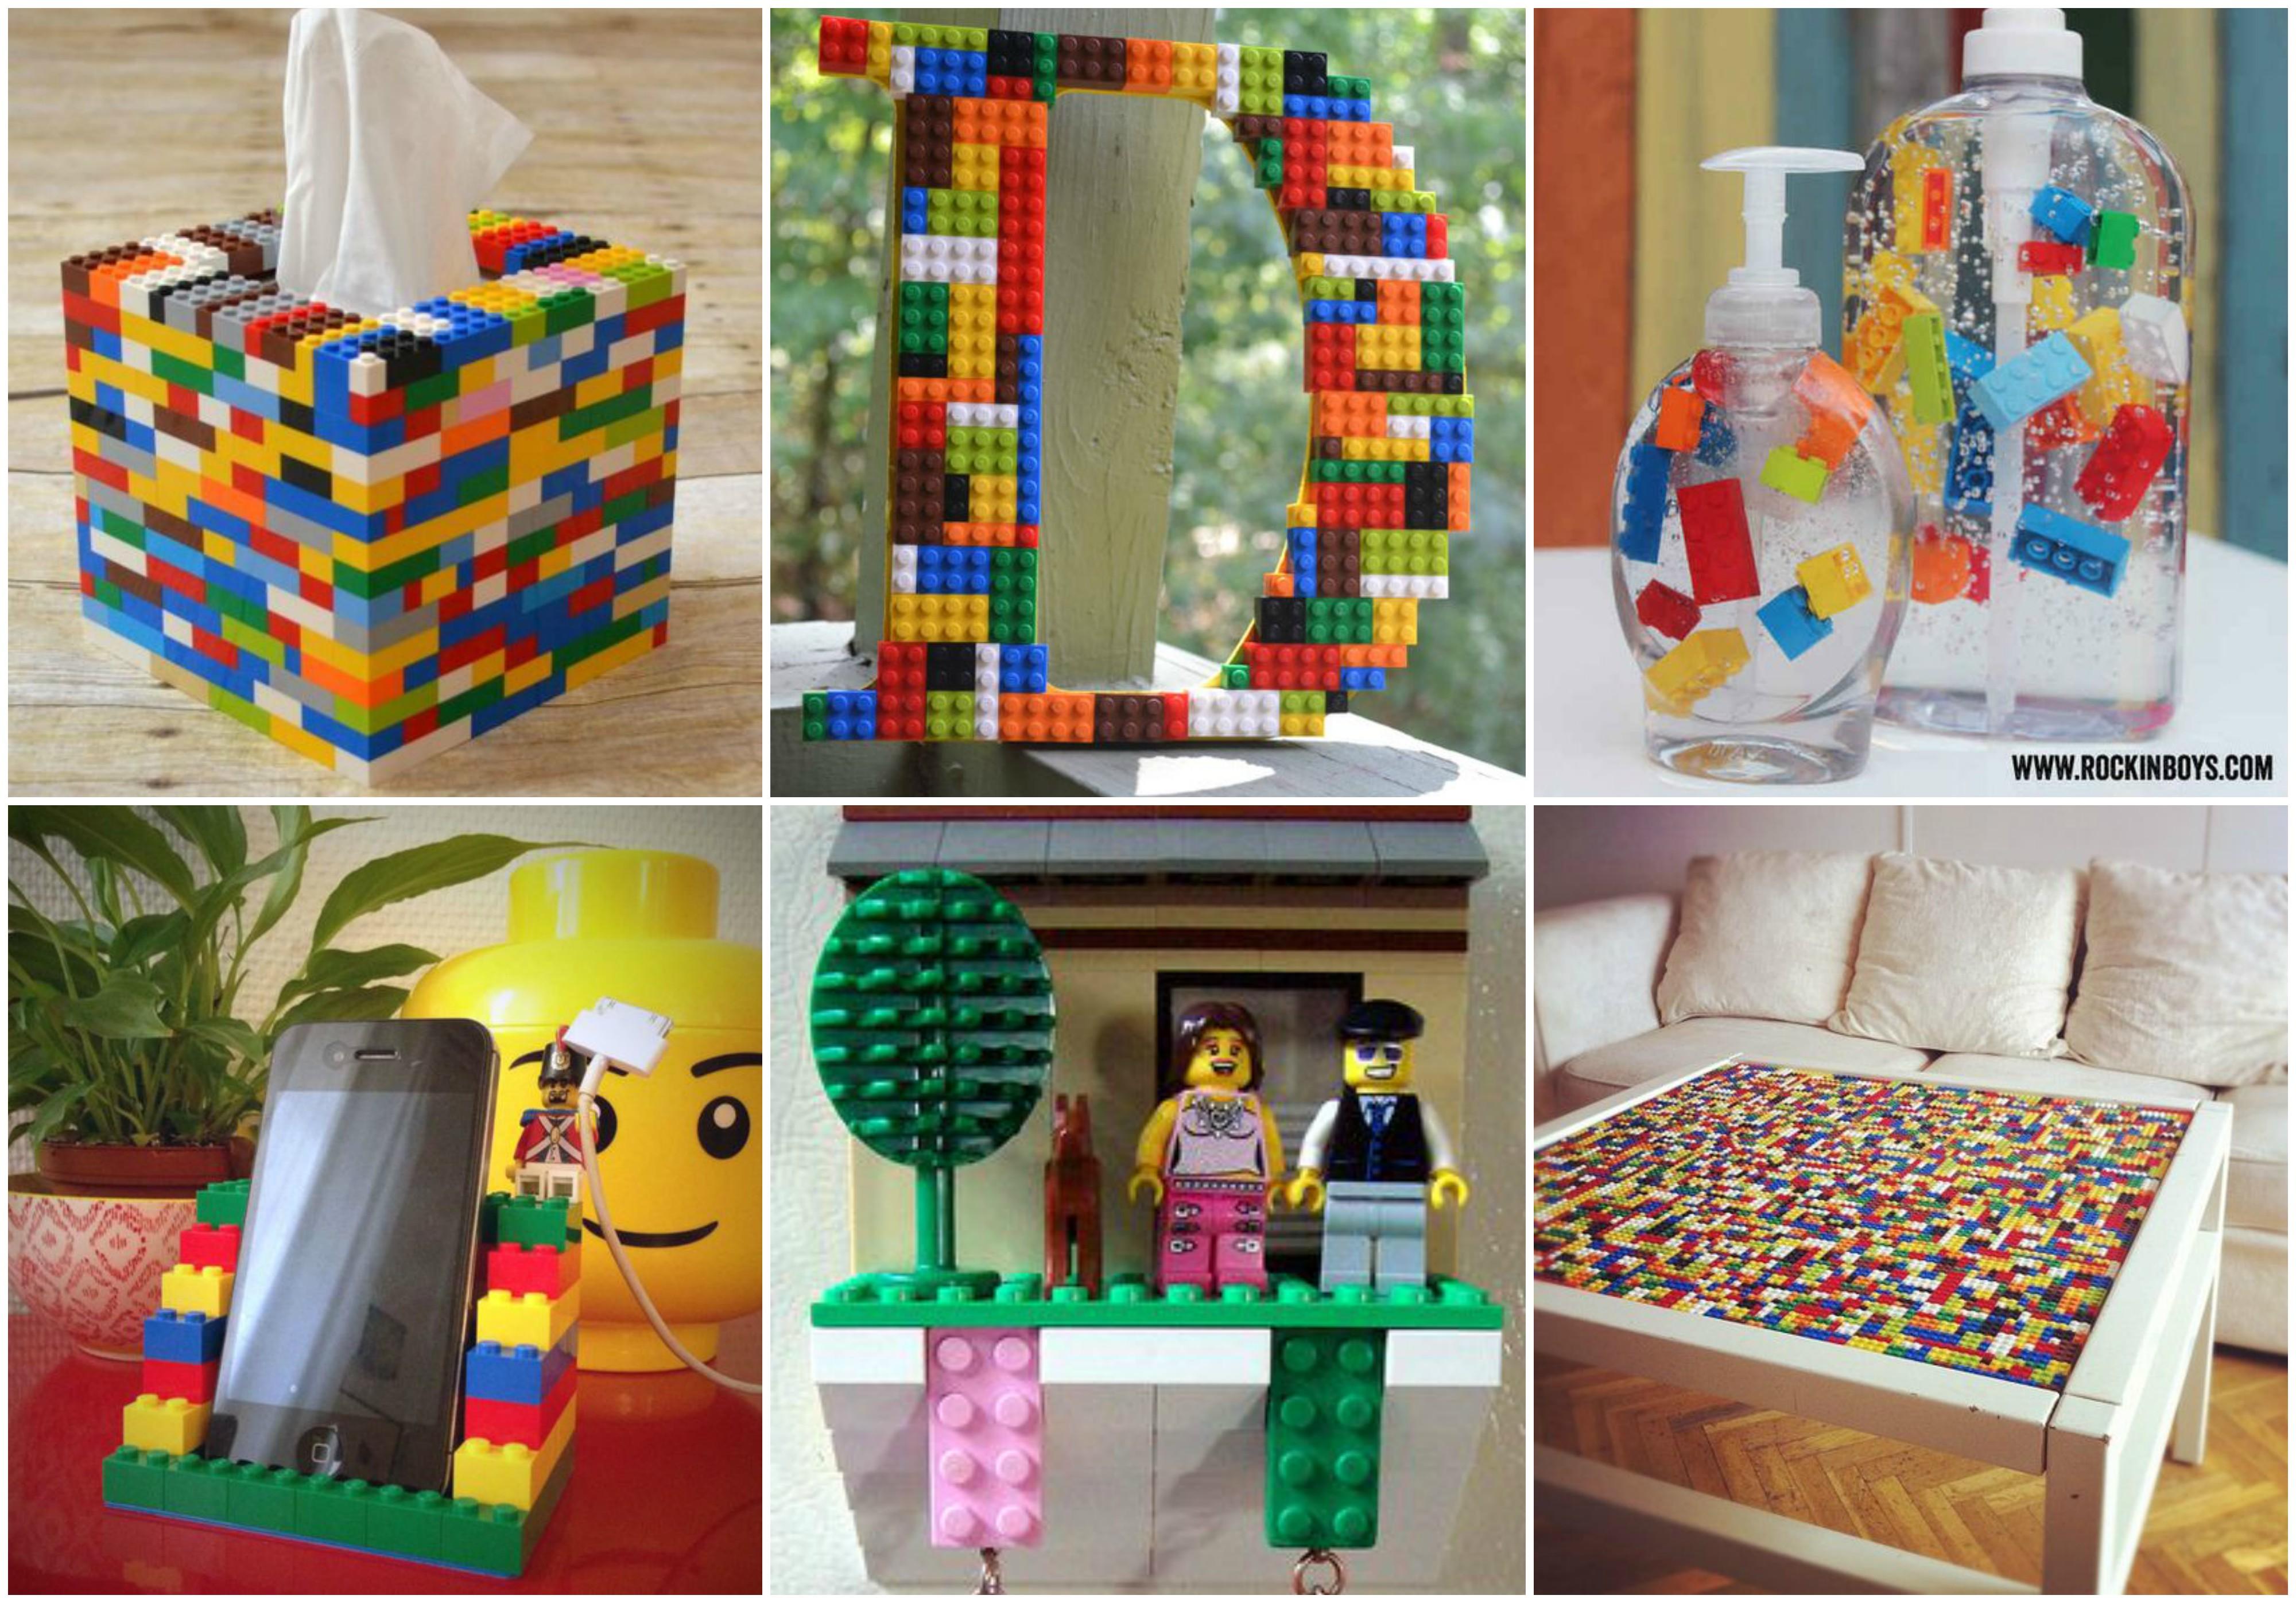 20 coole lego bastelideen - Pinterest bastelideen ...